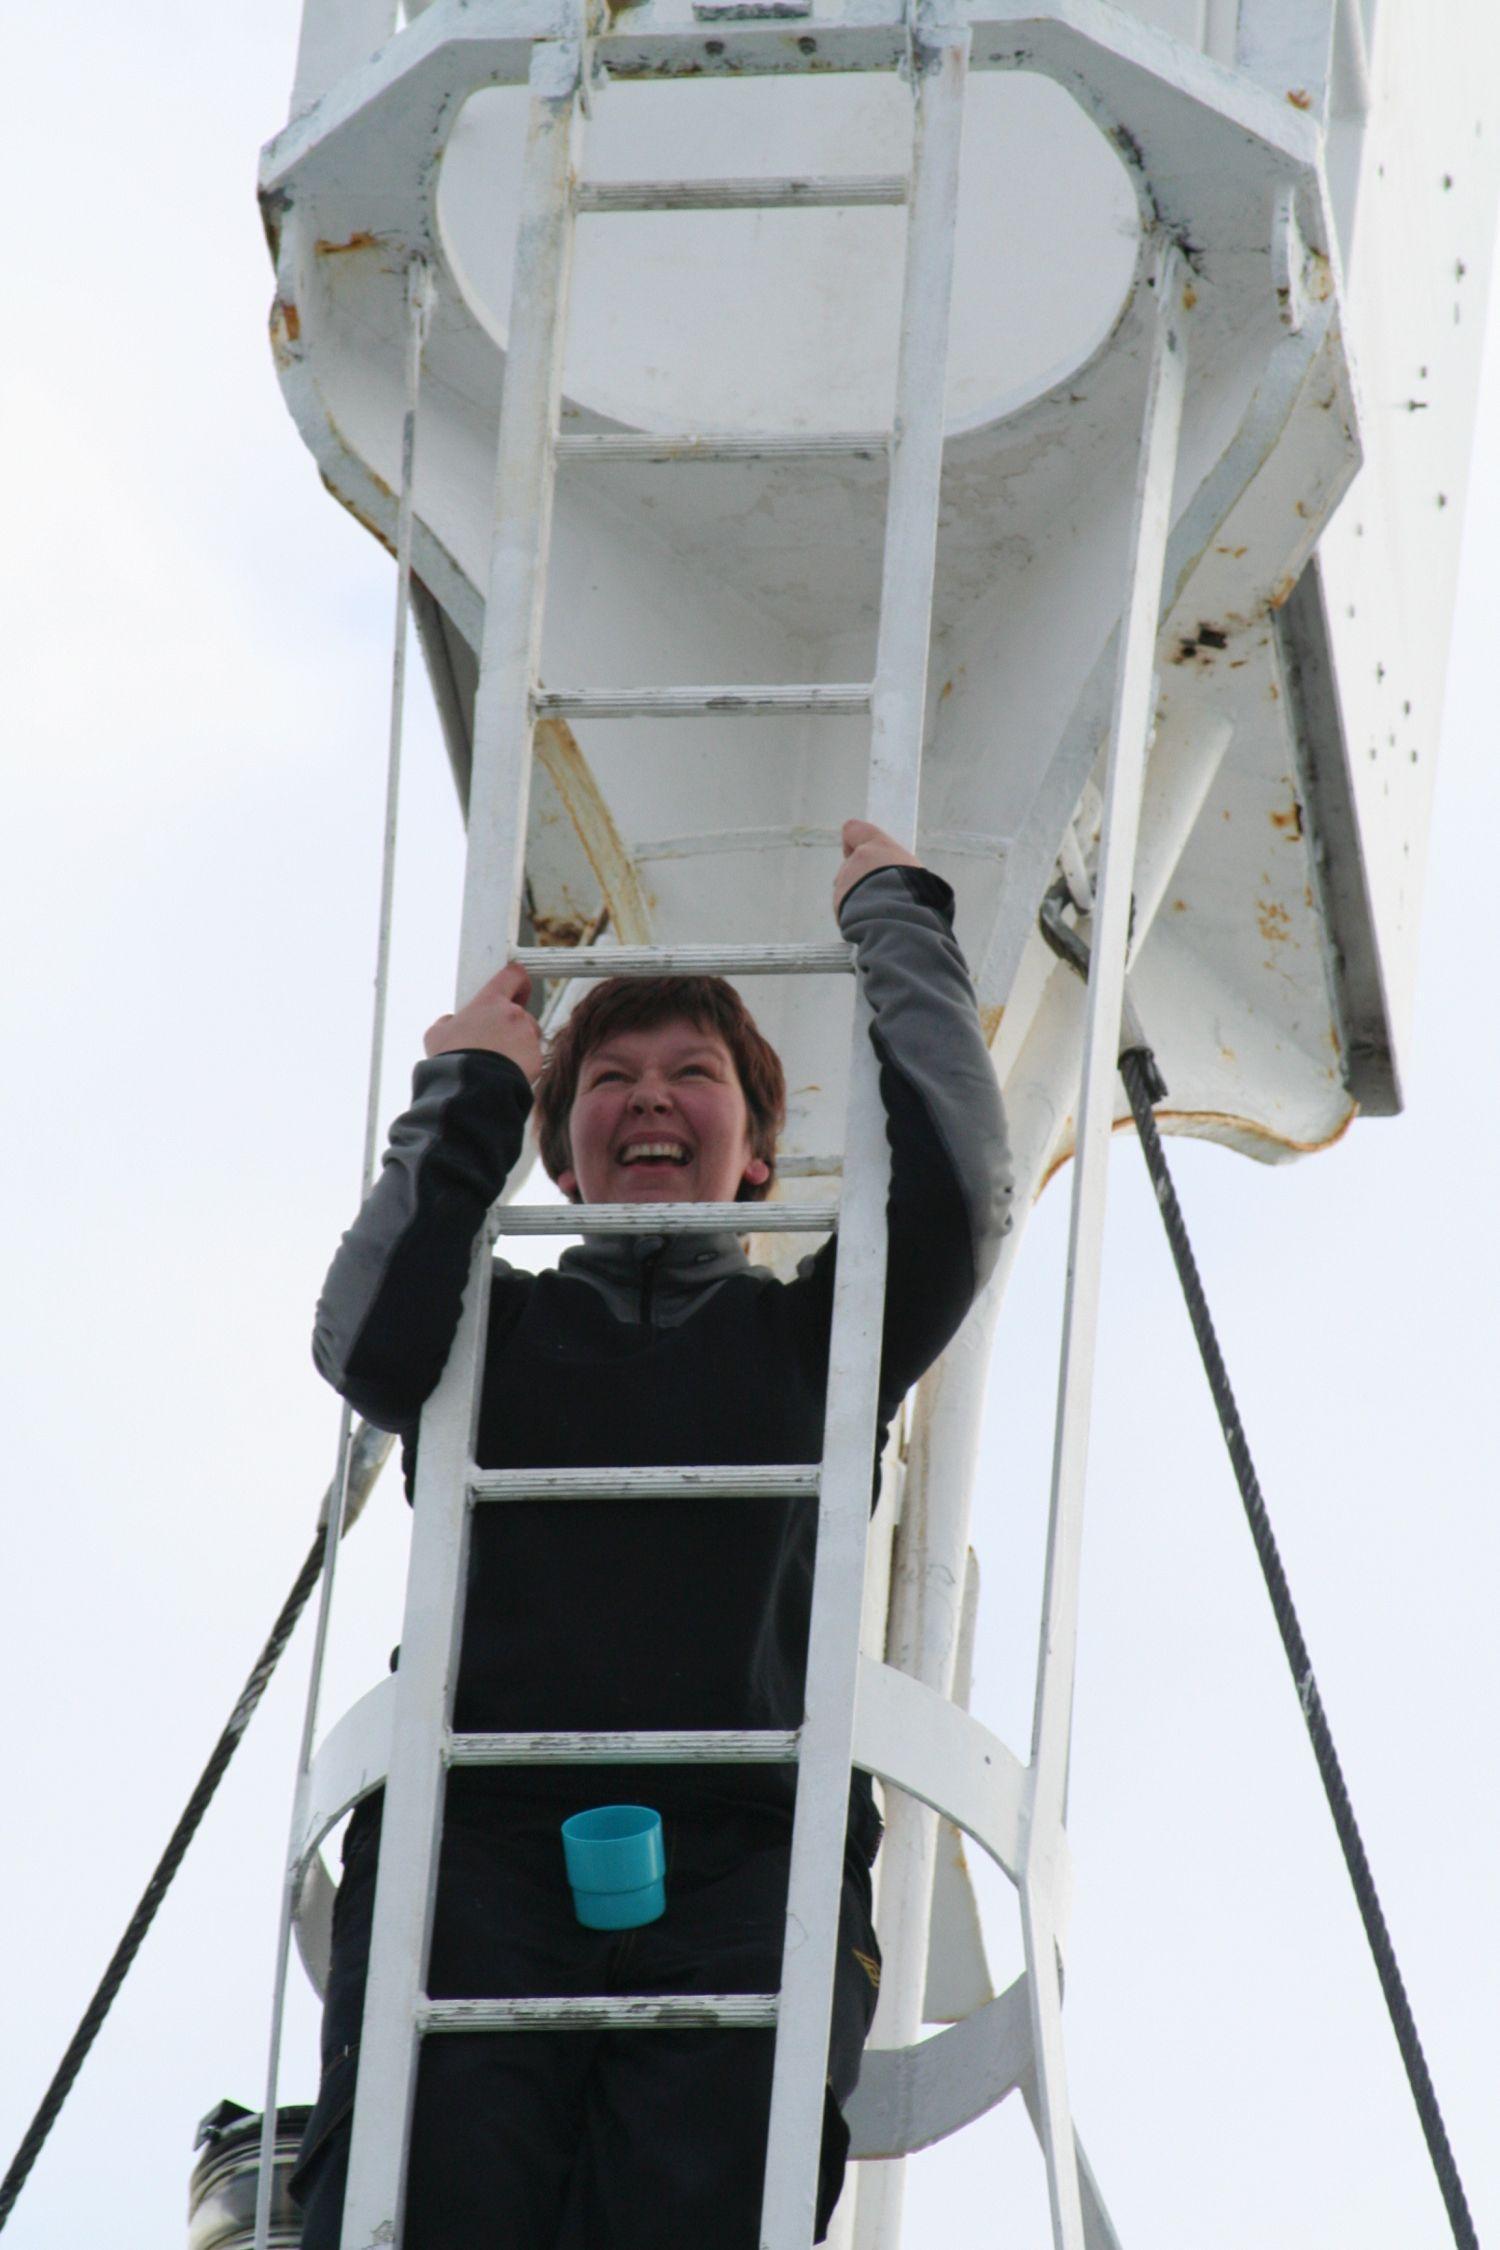 Anita Storm skrattar mot kameran medan hon klättrar upp för en stege ombord på en båt i ishavet.